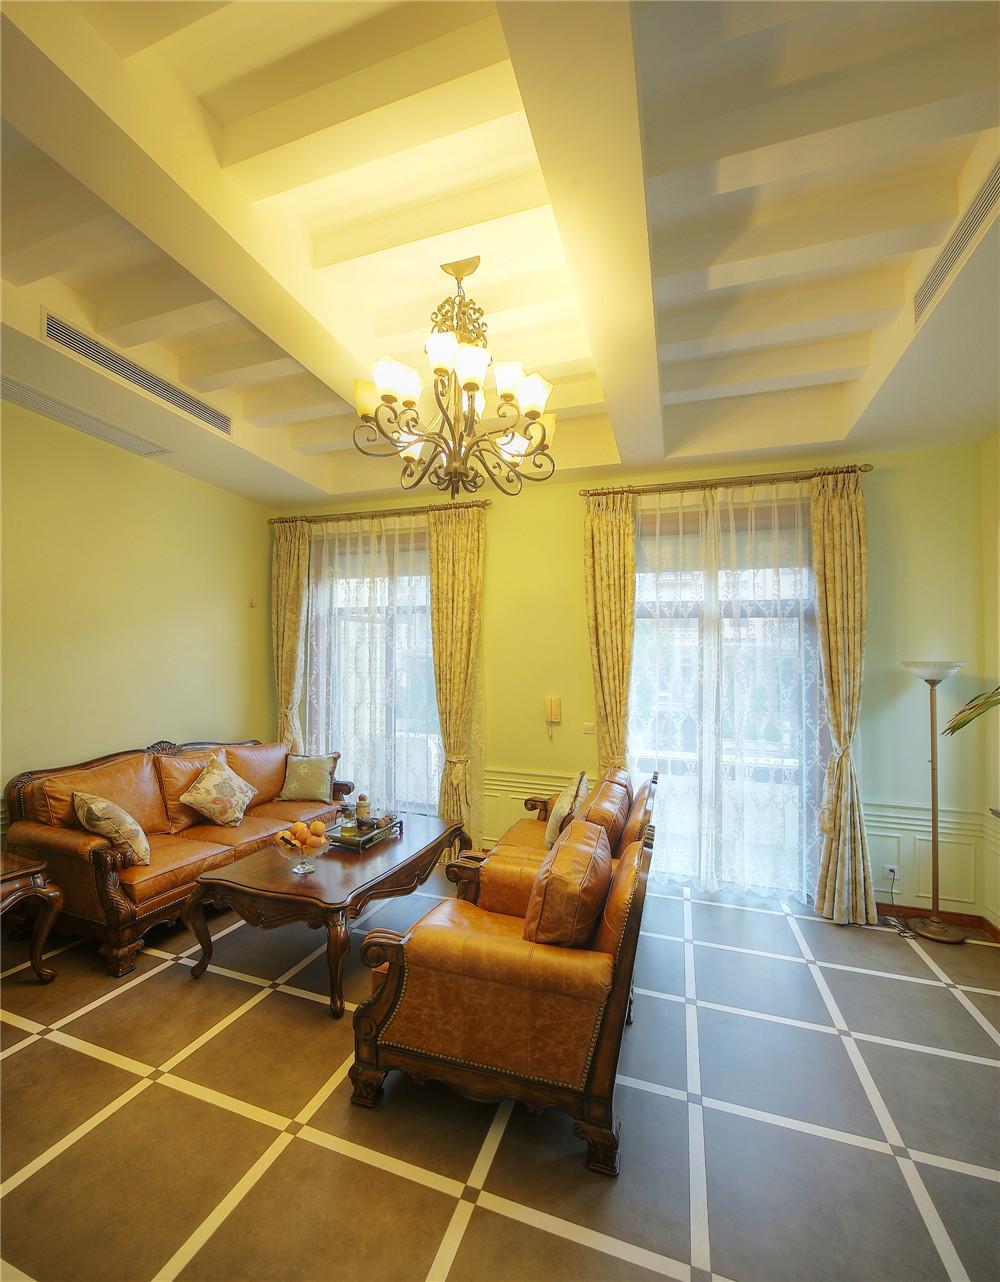 别墅 别墅装修 别墅设计 聚通装璜 欧美风格 客厅图片来自jtong0002在上海环球翡翠湾别墅装修实景展示的分享